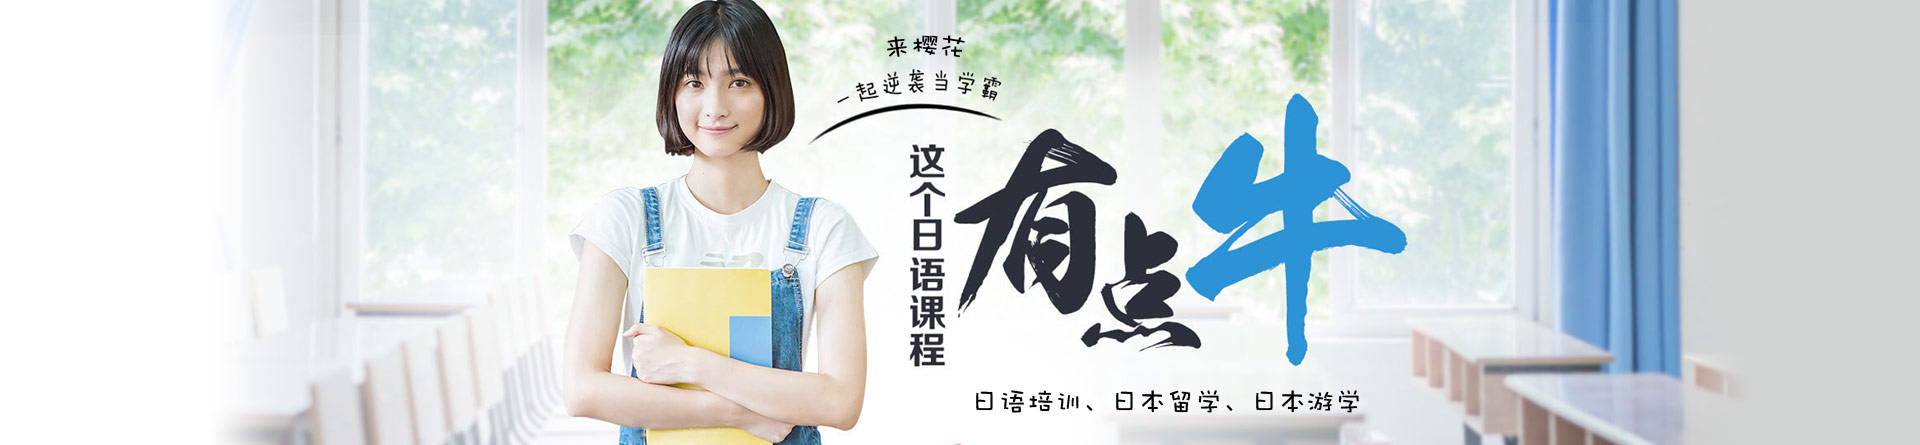 杭州樱花国际日语培训学校